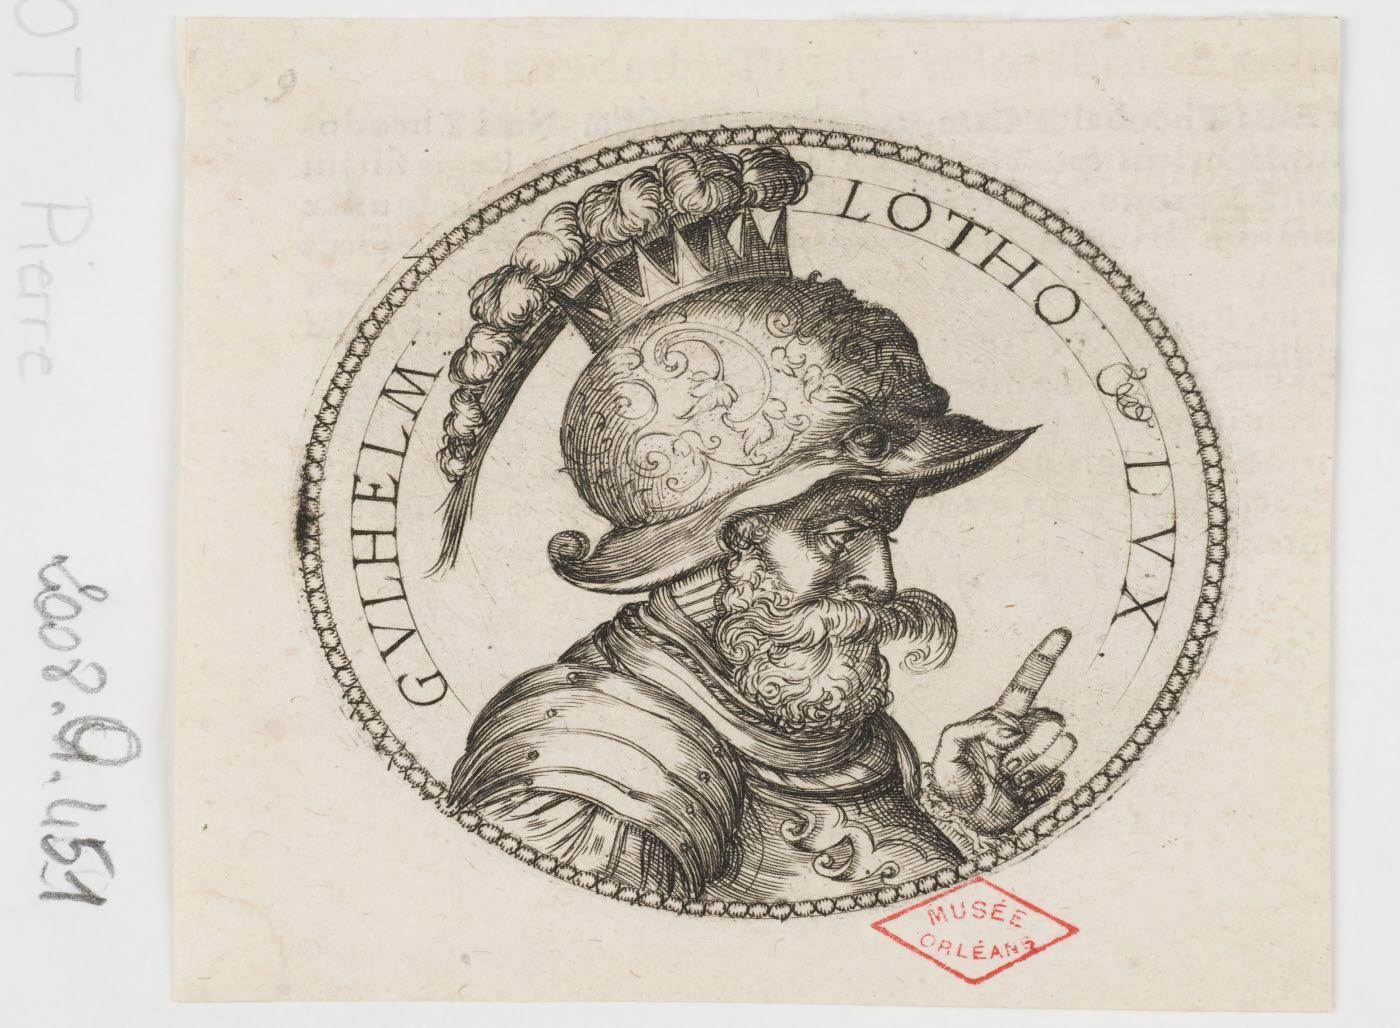 WOEIRIOT DE BOUZEY Pierre (inventeur, graveur) : Guillaume, duc de Lorraine